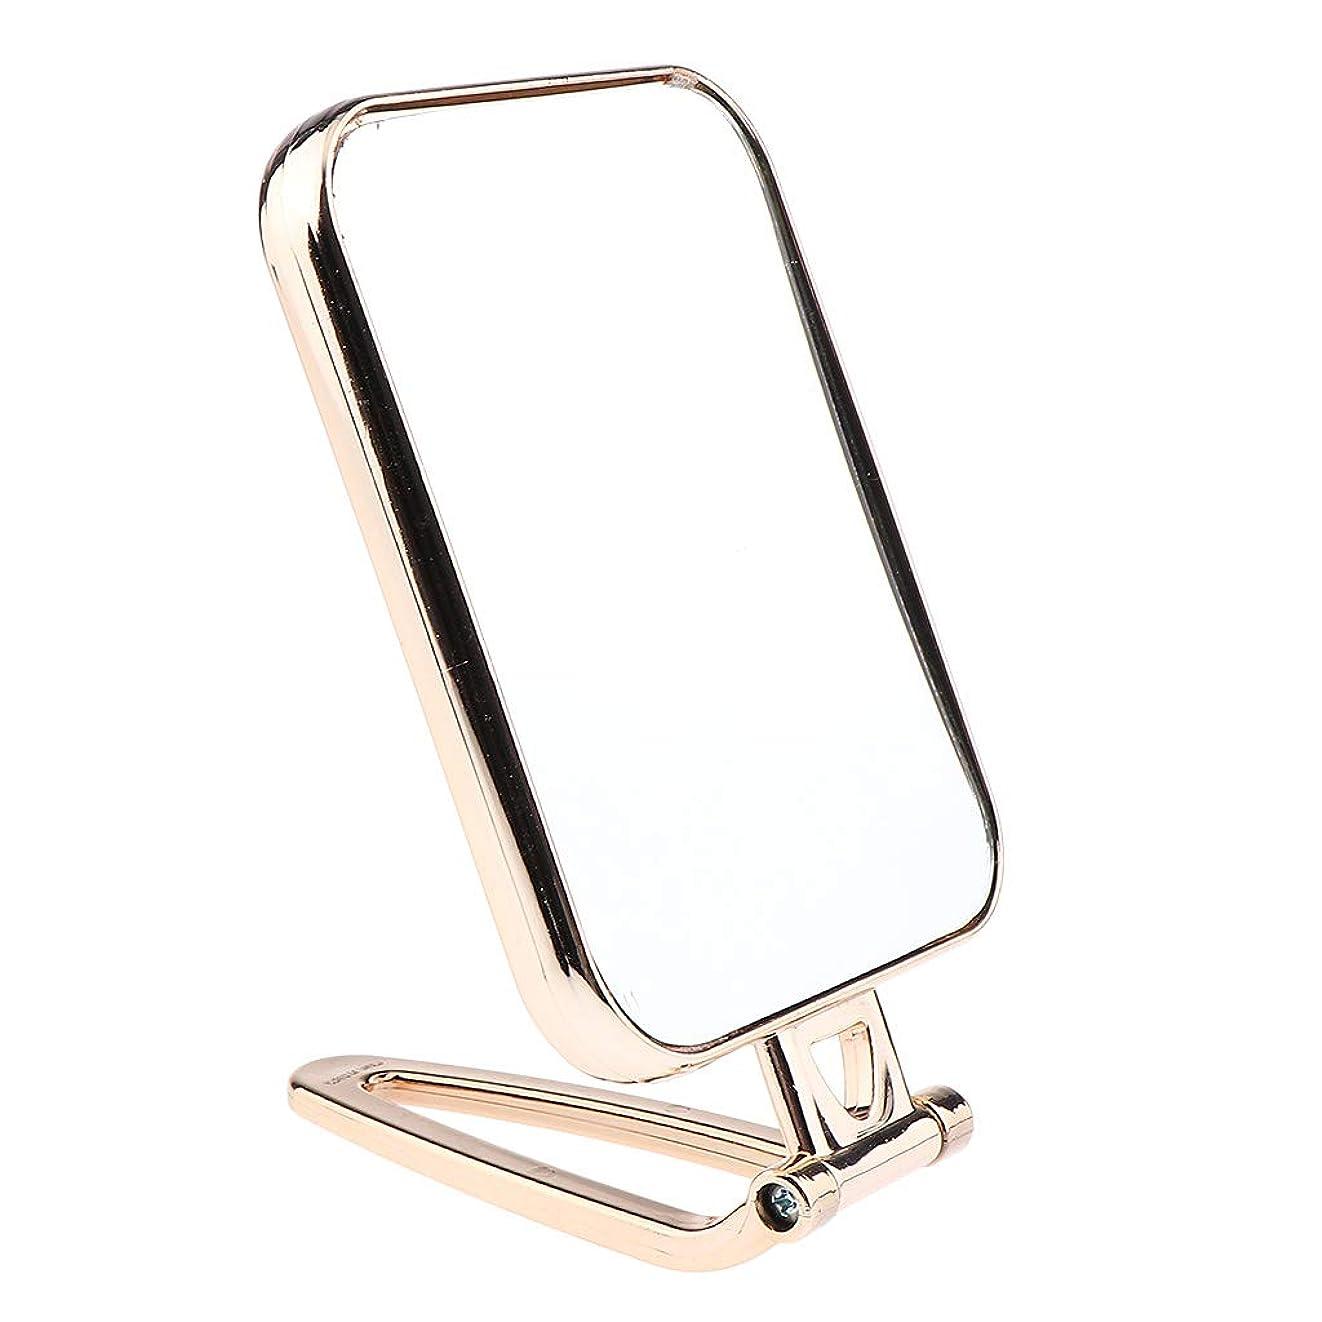 恥ずかしさ愛人素晴らしきF Fityle メイクアップミラー 折りたたみ ポータブル 洗面台 卓上 旅行 コンパクトミラー 2タイプ選べ - ゴールド